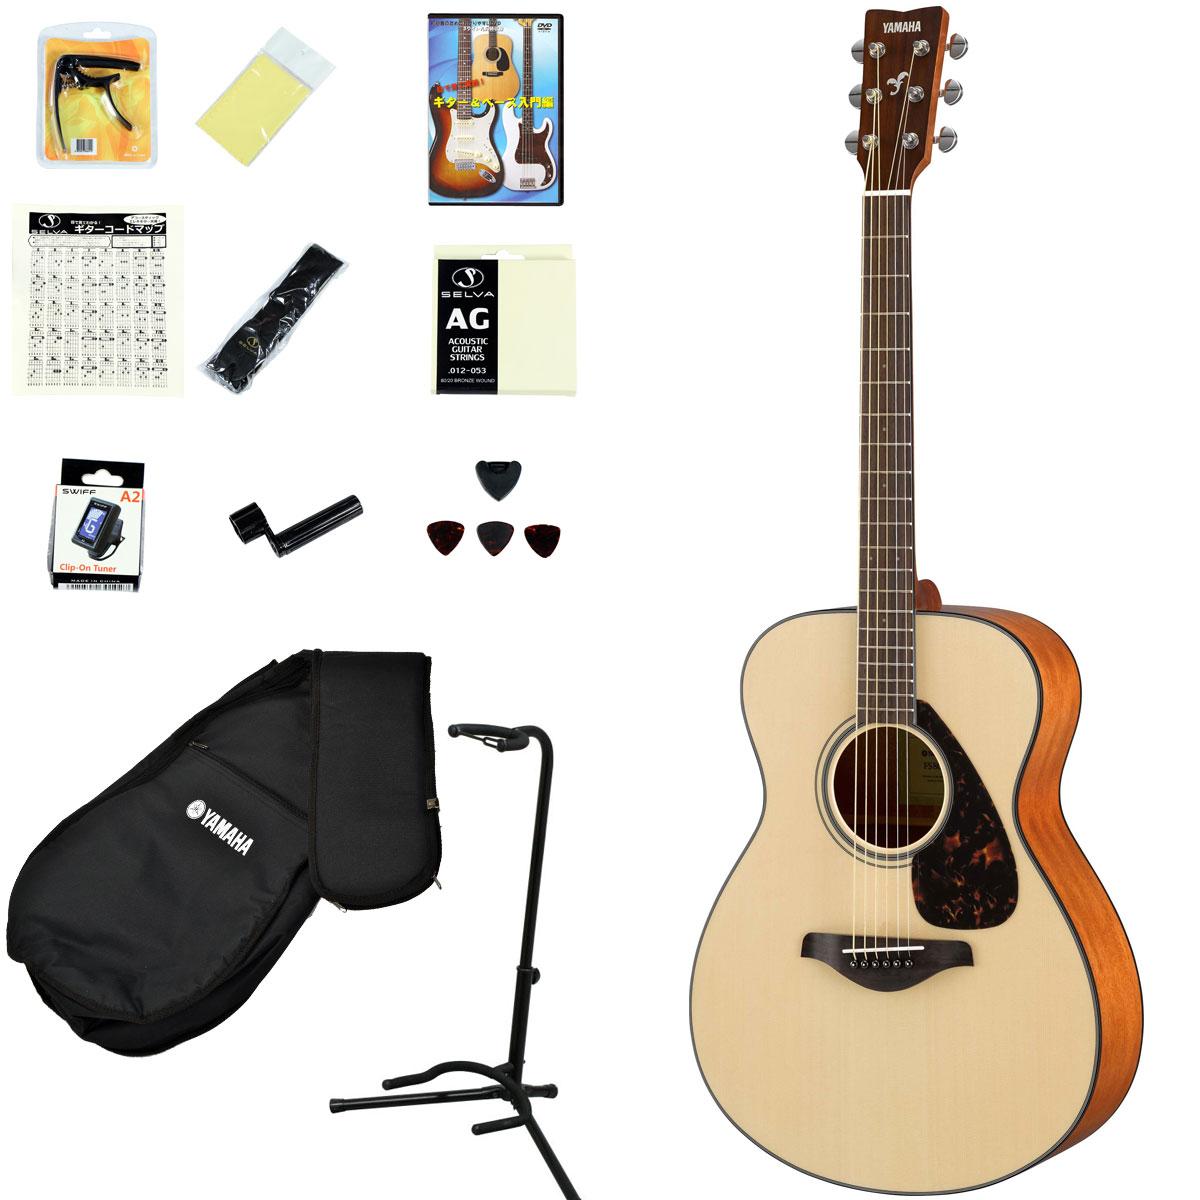 YAMAHA / FS800 NT(ナチュラル) 【アコースティックギター14点入門セット!】 ヤマハ アコギ FS-800 入門 初心者【YRK】